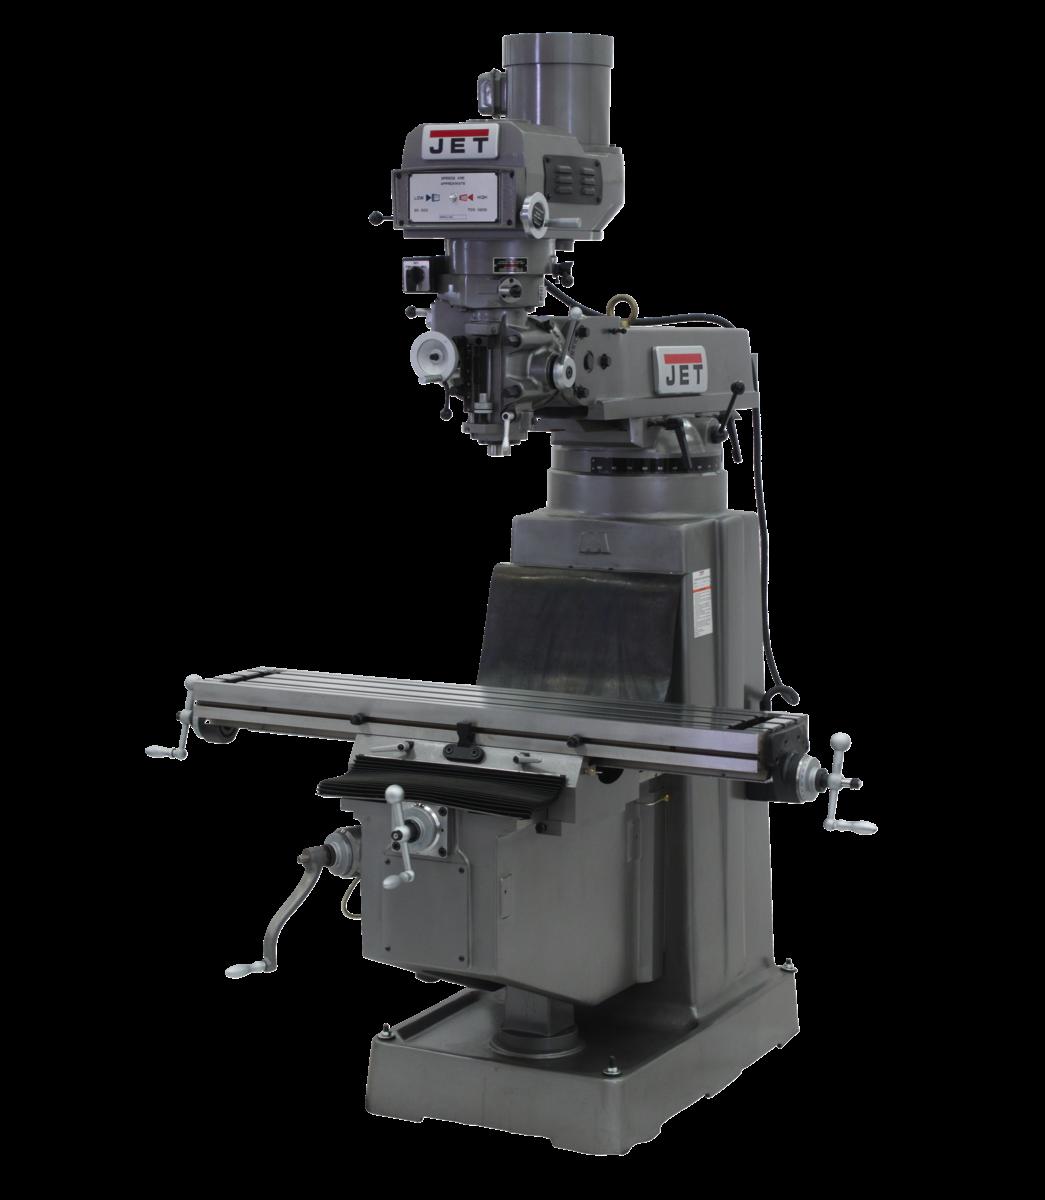 JTM-1050 CNC